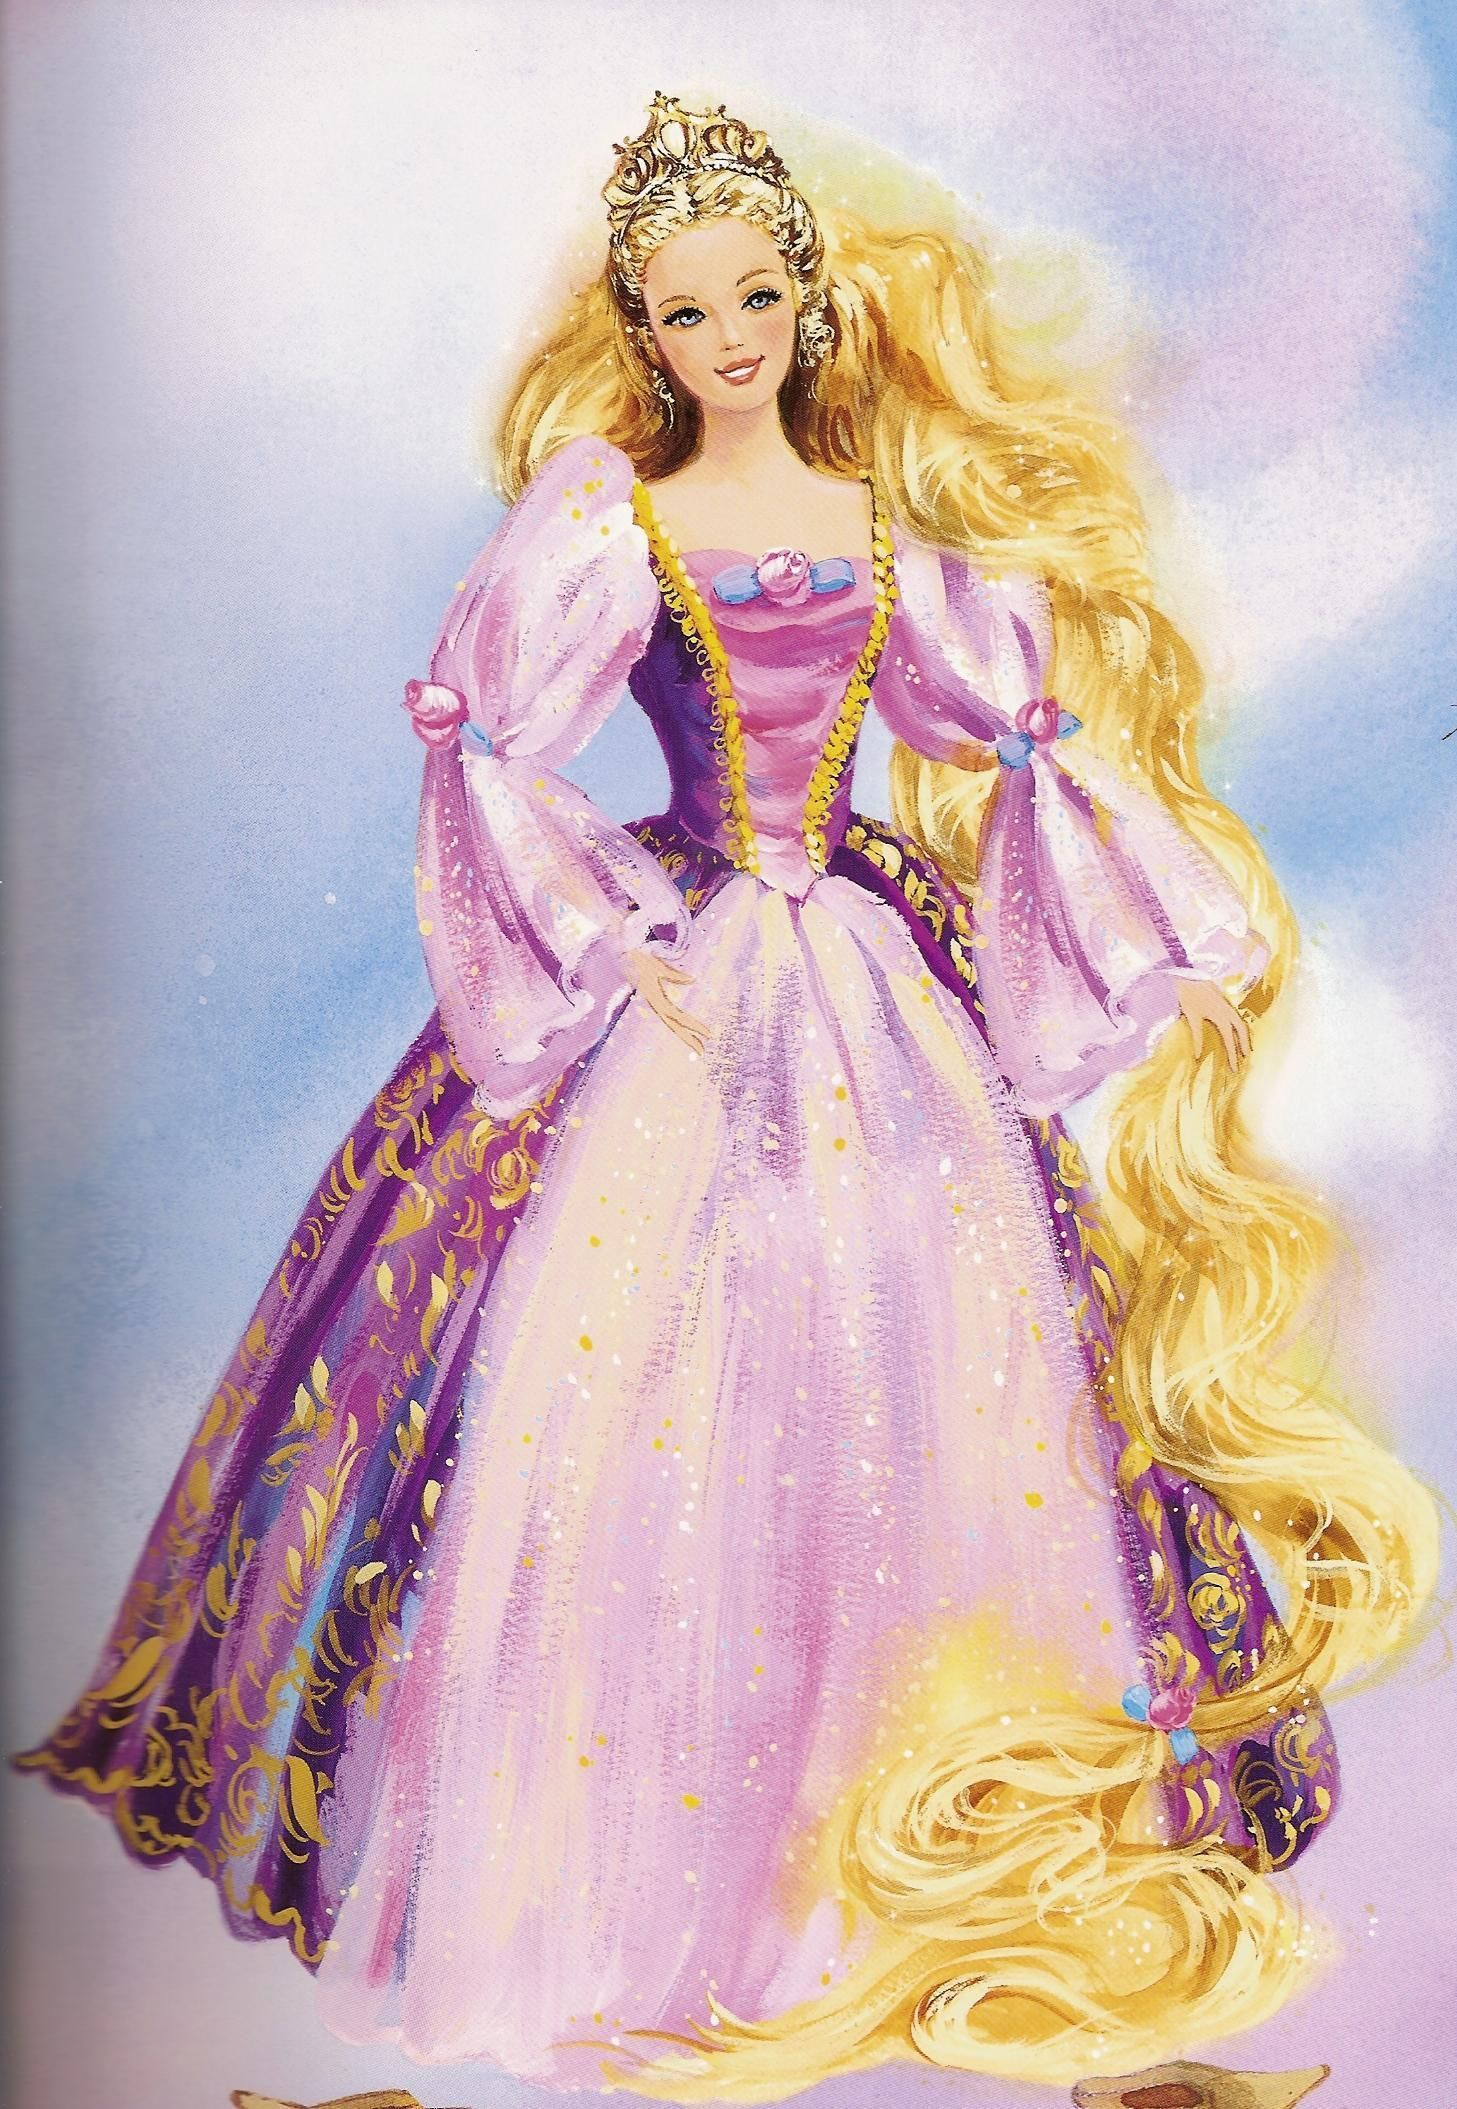 Barbie As Rapunzel Photo Rapunzel Rapunzel Barbie Barbie Painting Barbie Princess